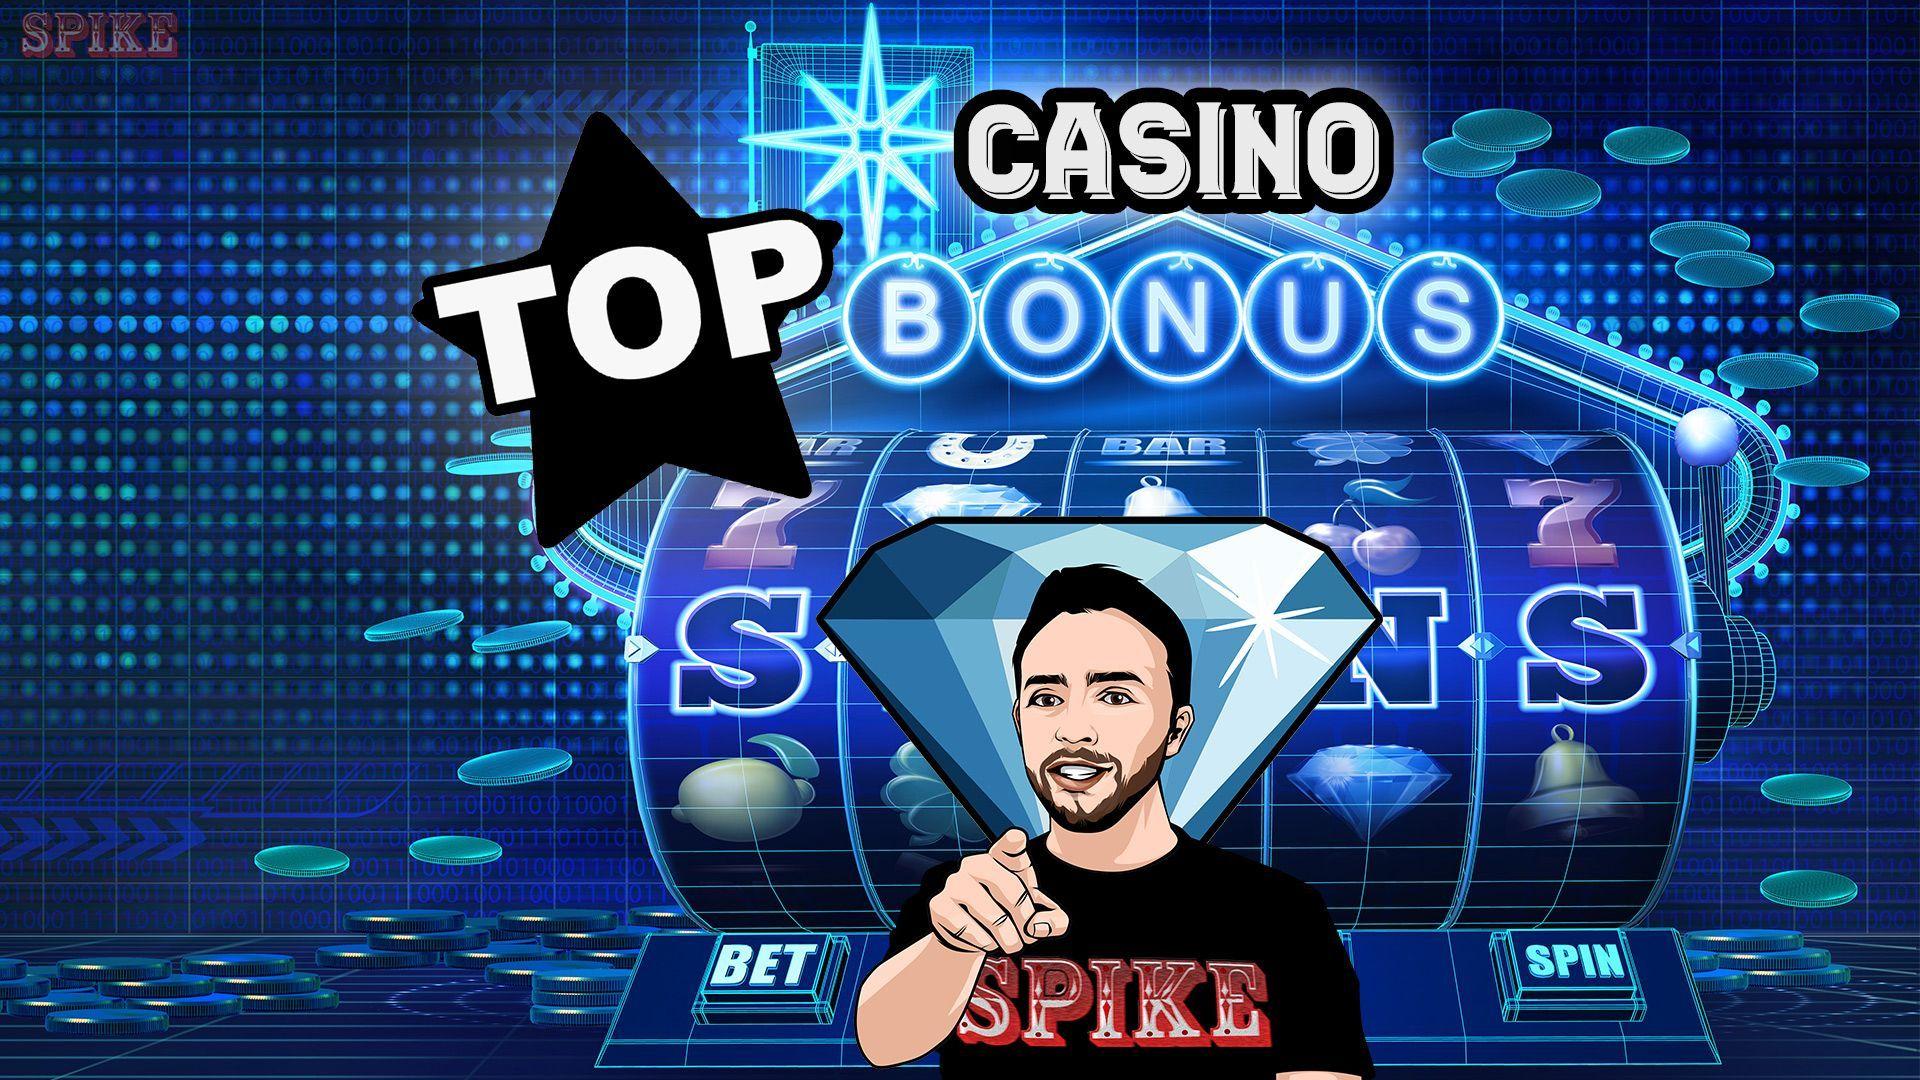 Best Casino Bonuses SPIKE Slot